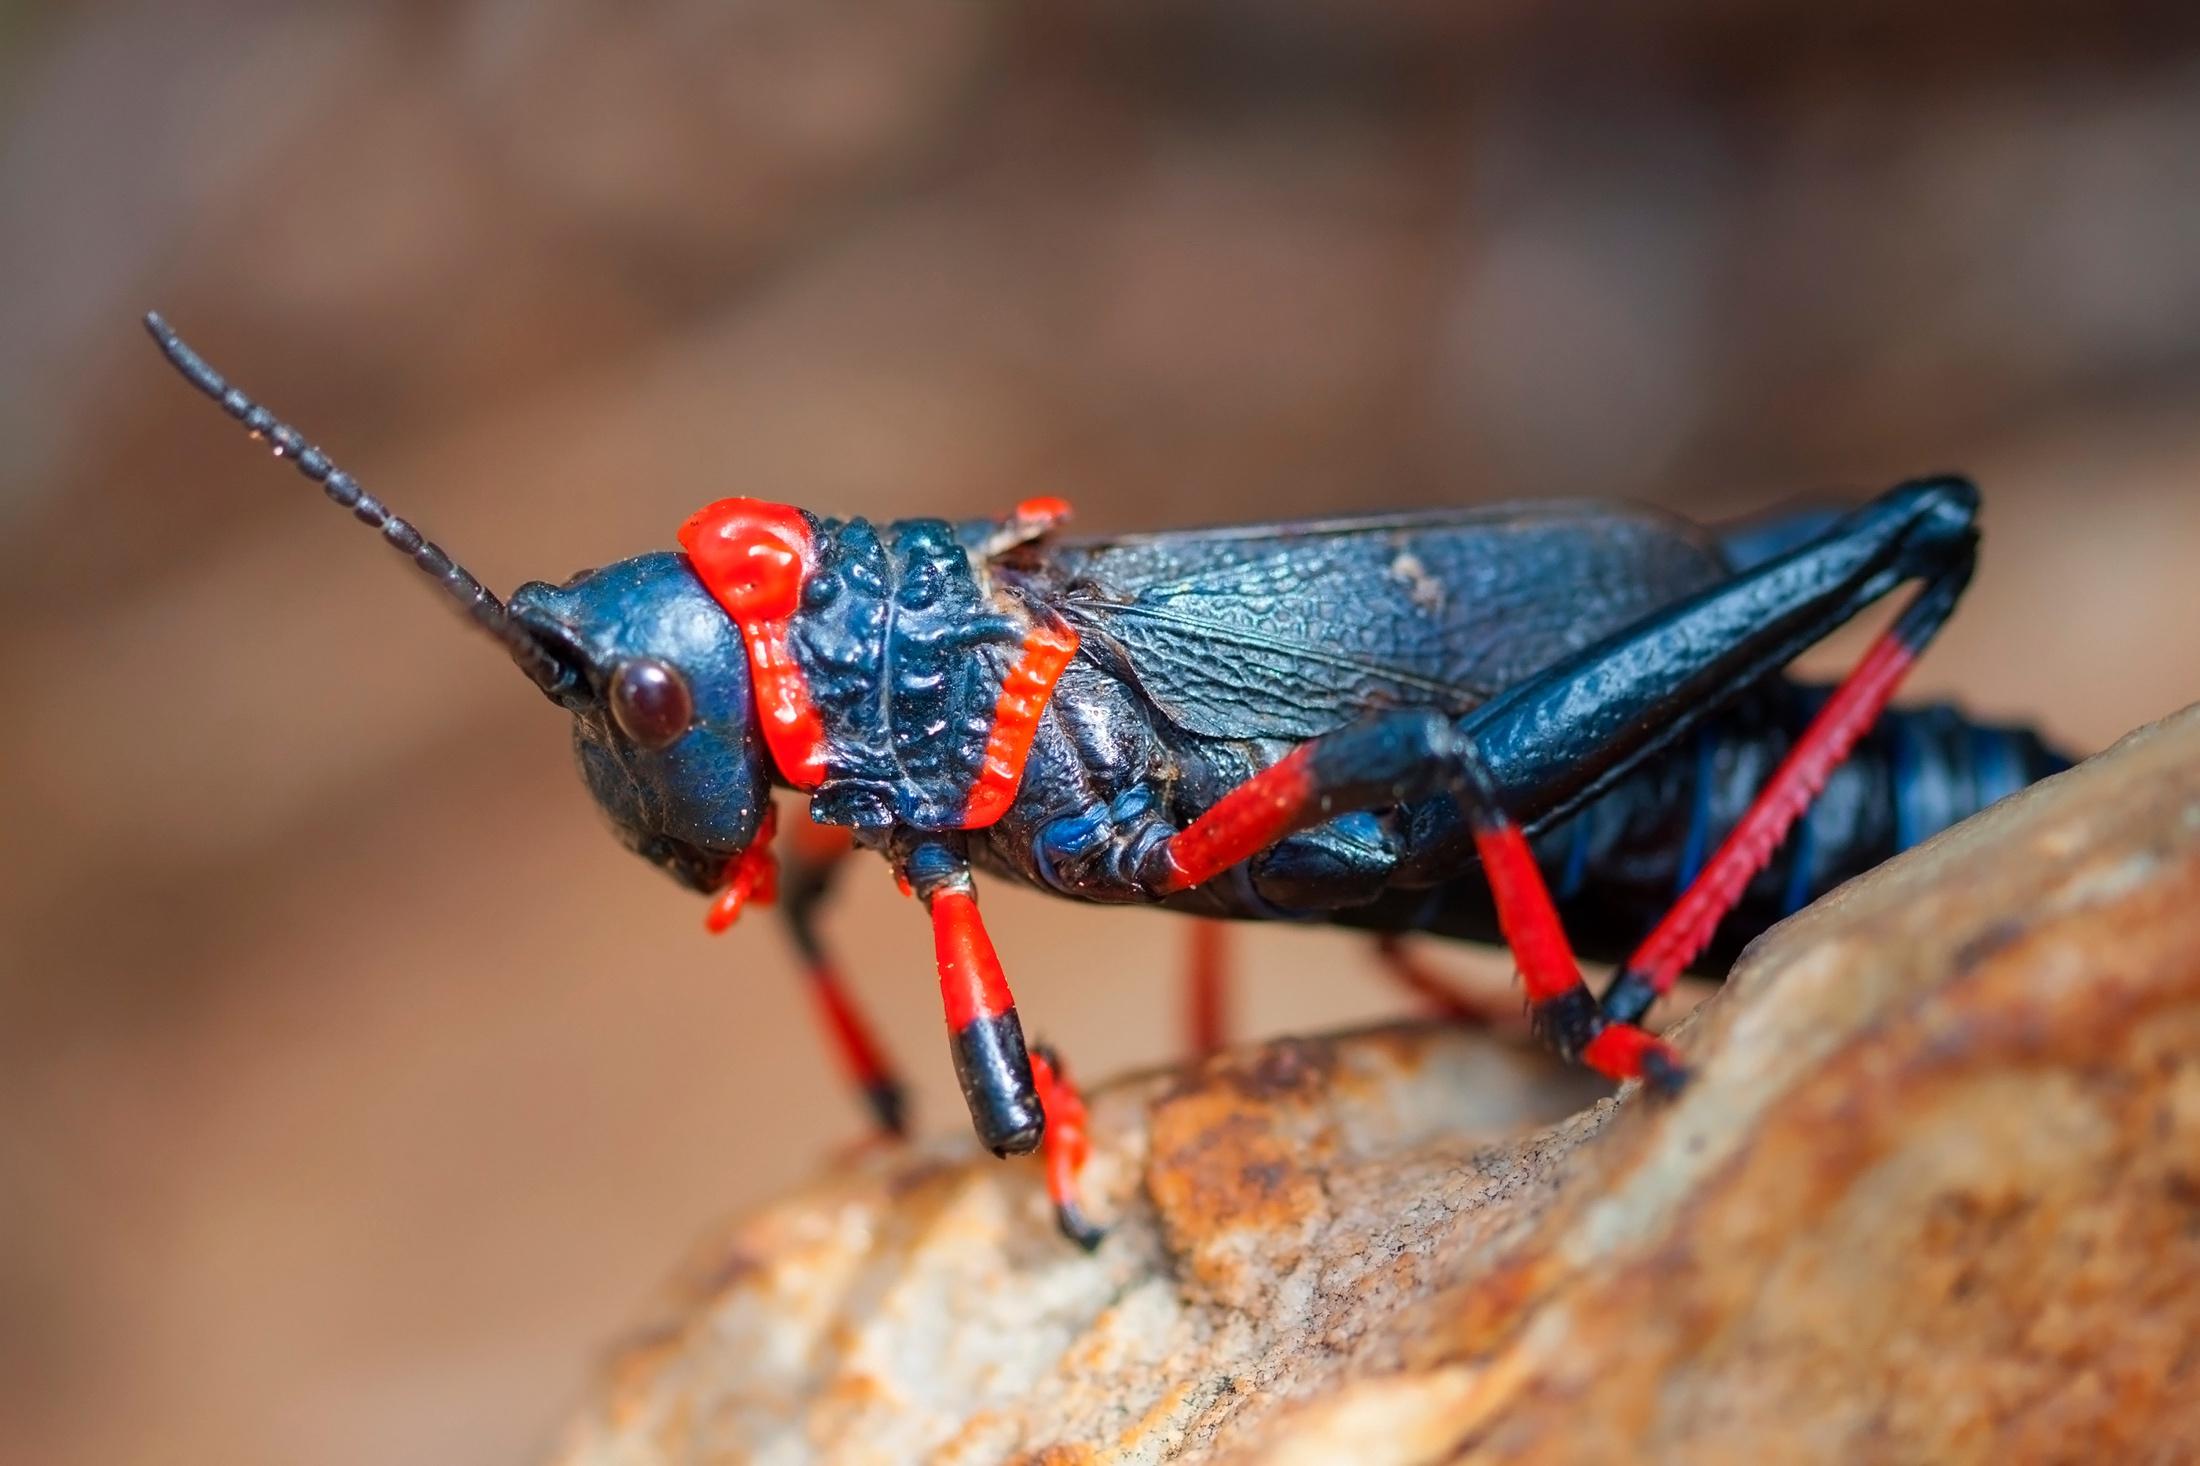 Schuimsprinkhaan zwart rood gekleurd